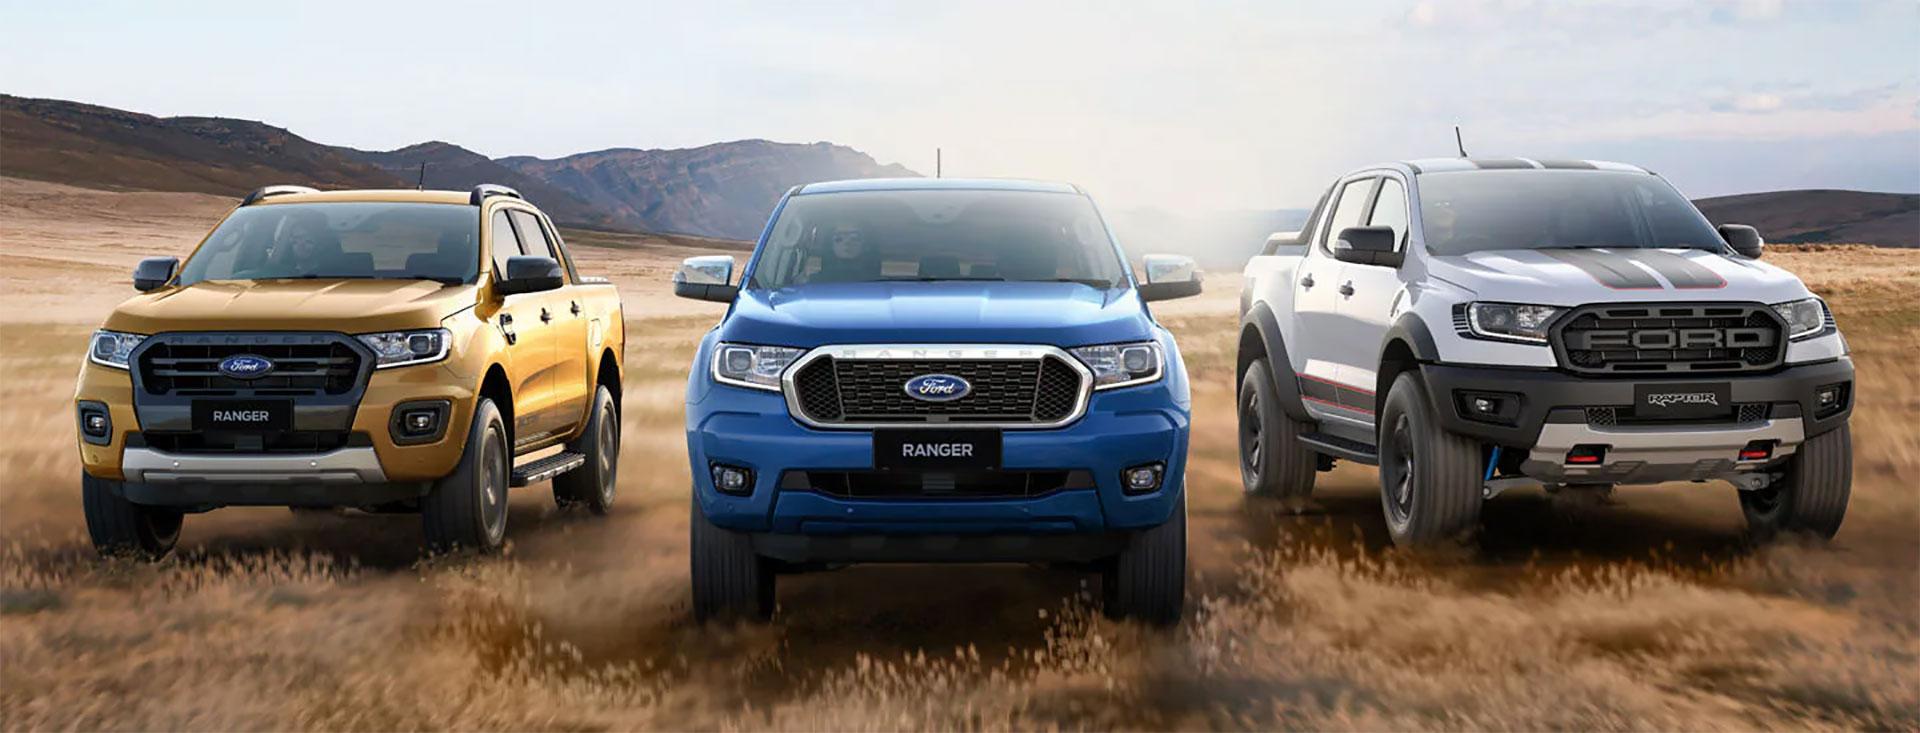 Ford-Ranger-Range